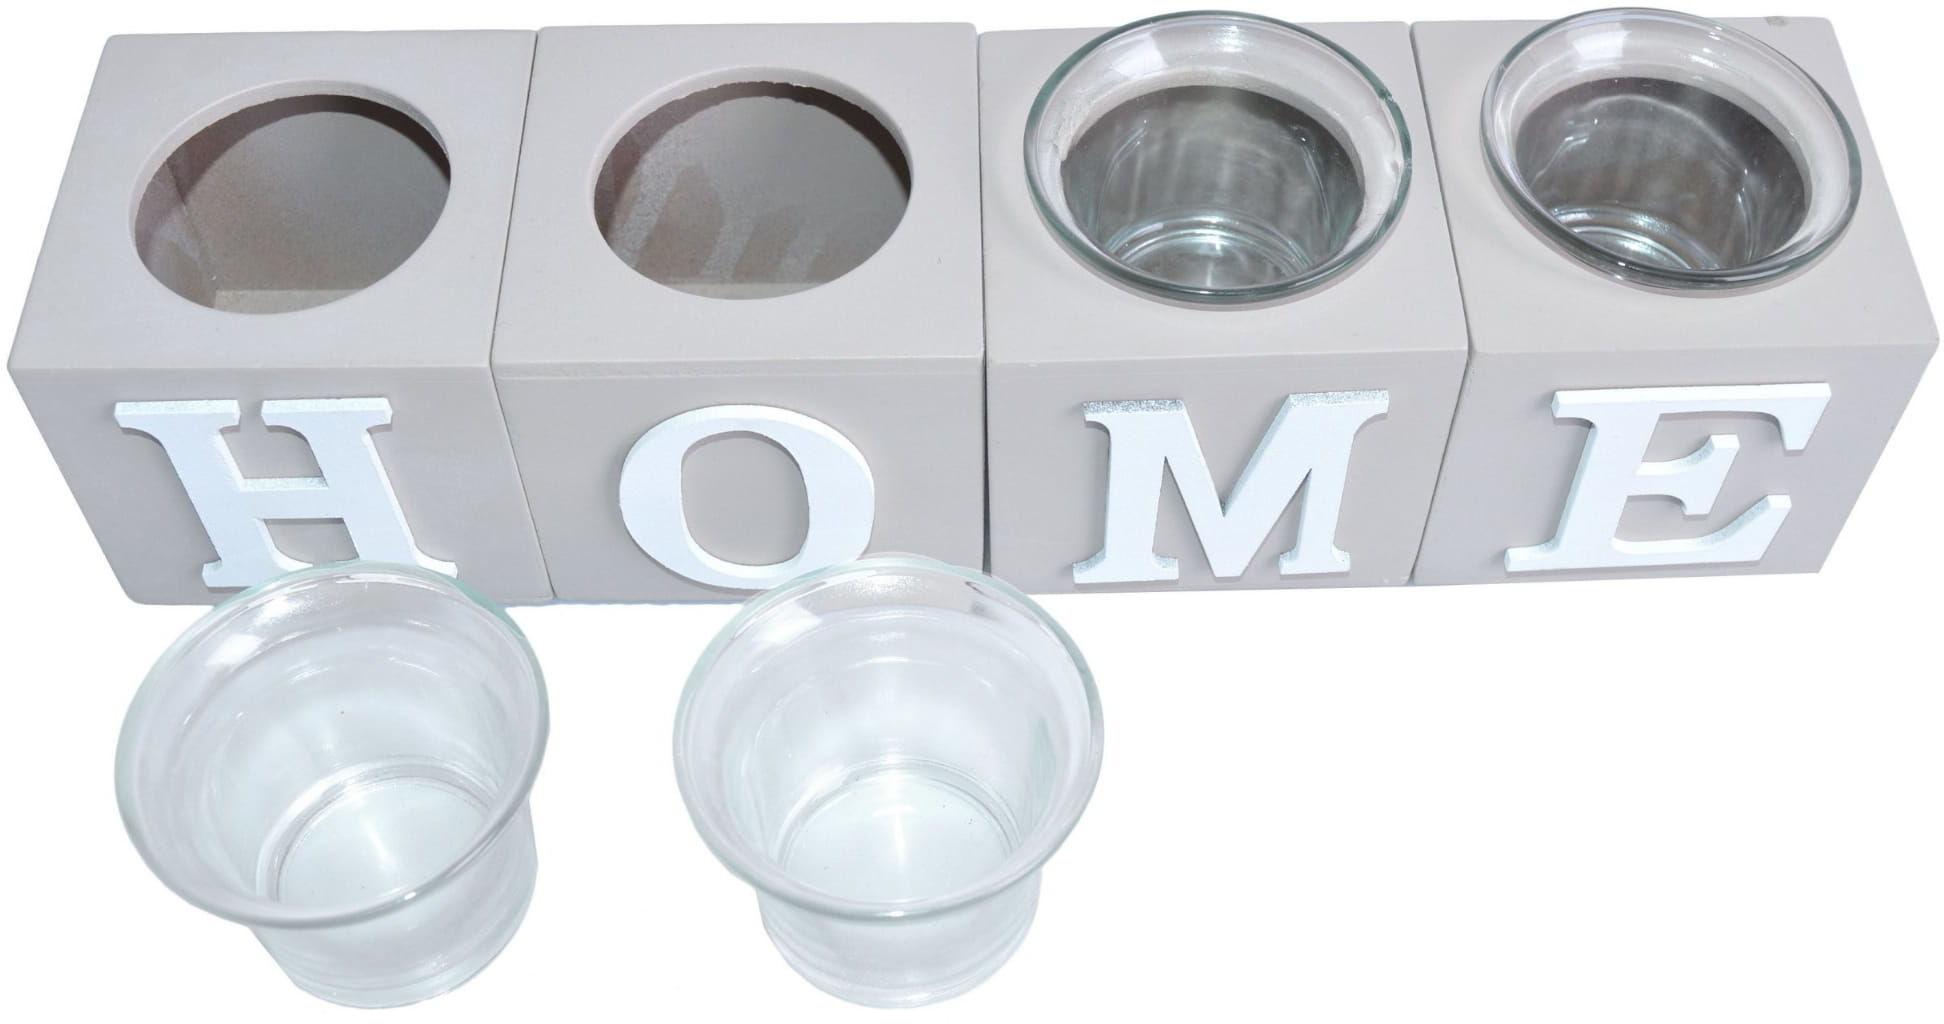 Kpl. 4 szklanych świeczników z napisem